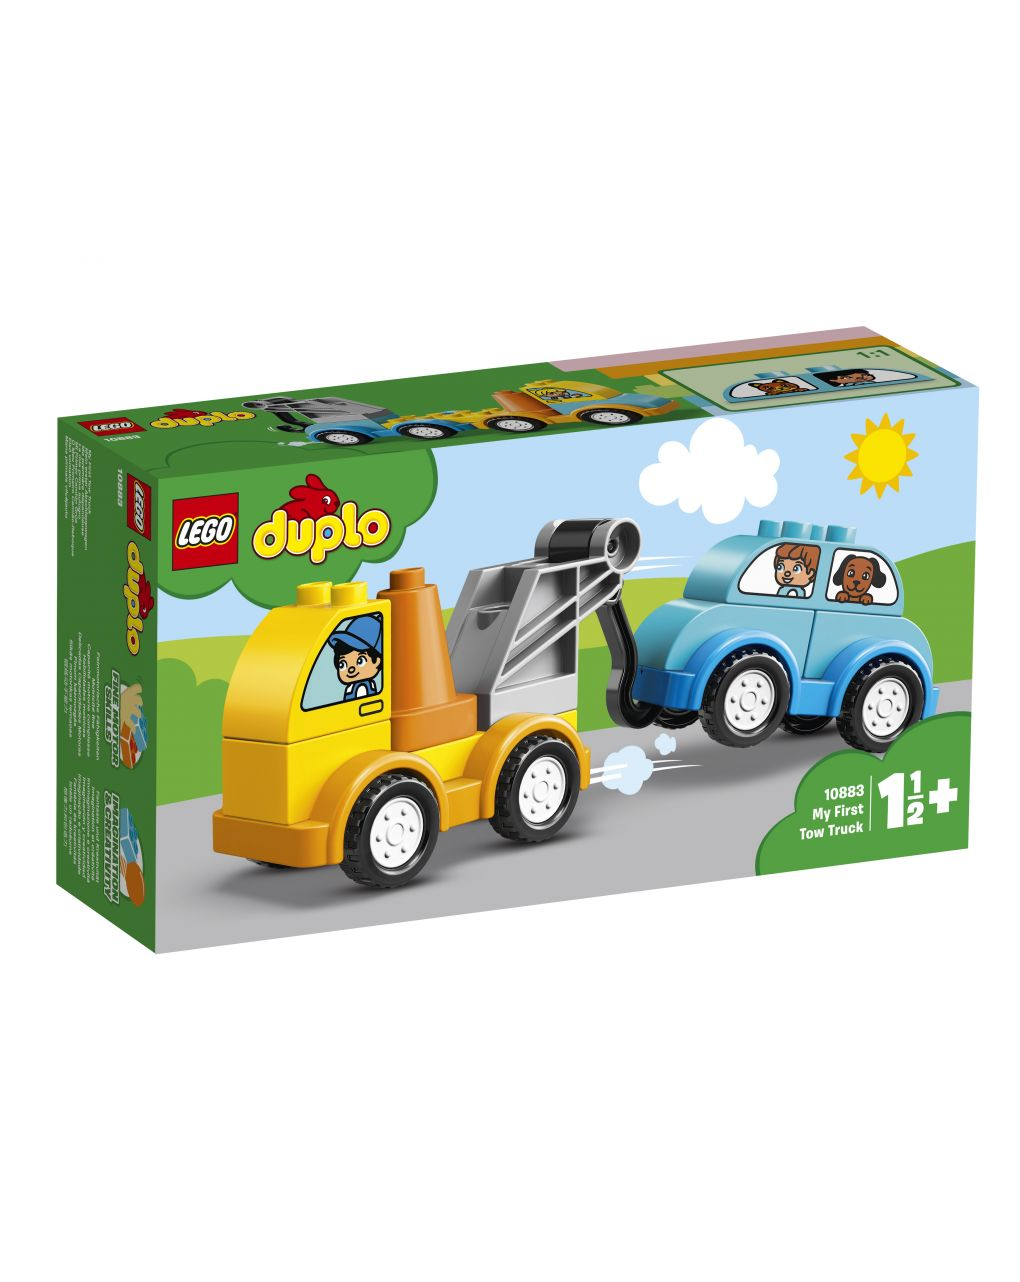 Duplo - la mia prima autogrù - 10883 - LEGO Duplo